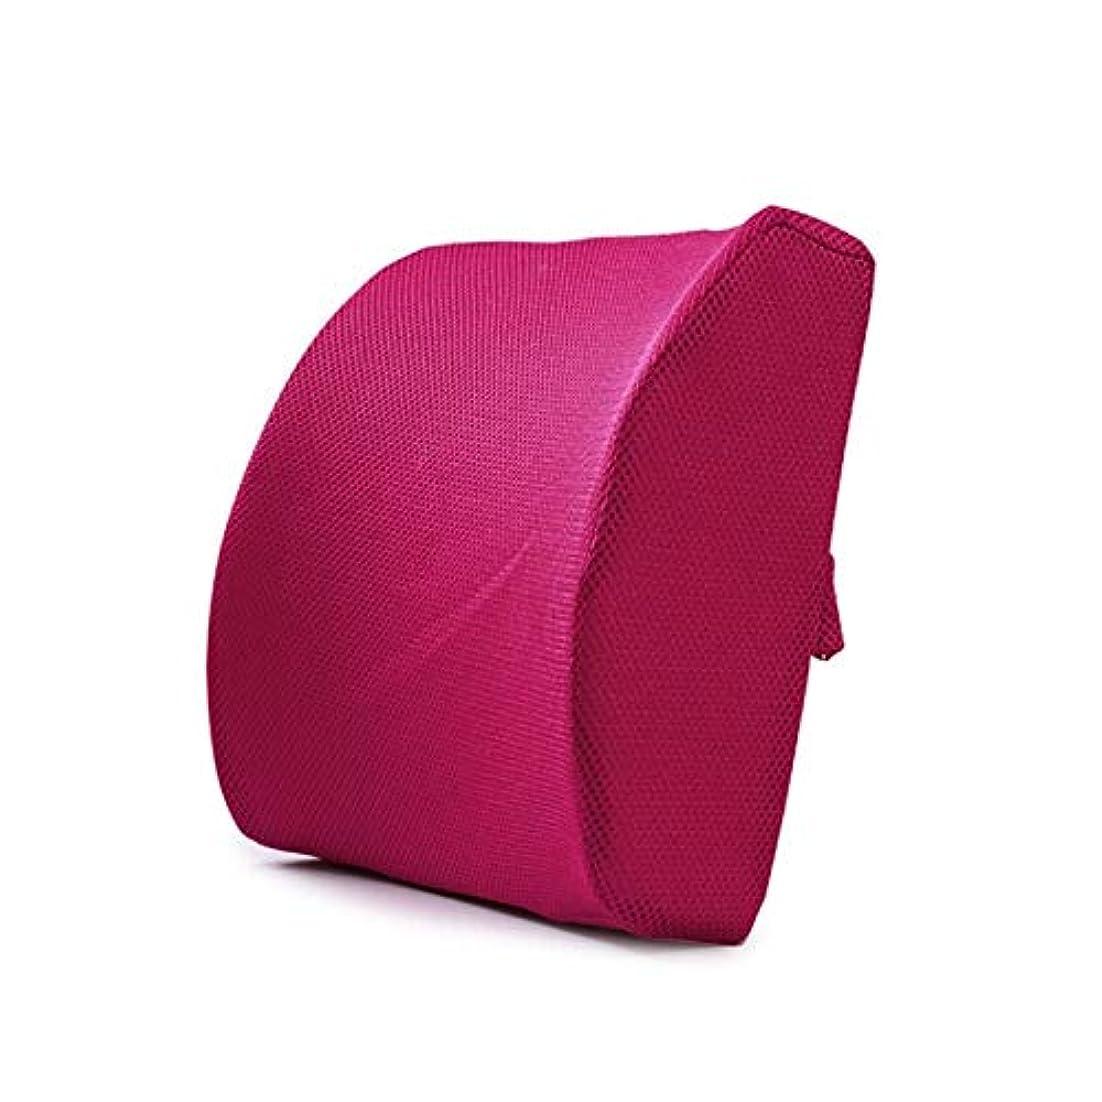 宿題をするキモい落胆するLIFE ホームオフィス背もたれ椅子腰椎クッションカーシートネック枕 3D 低反発サポートバックマッサージウエストレスリビング枕 クッション 椅子